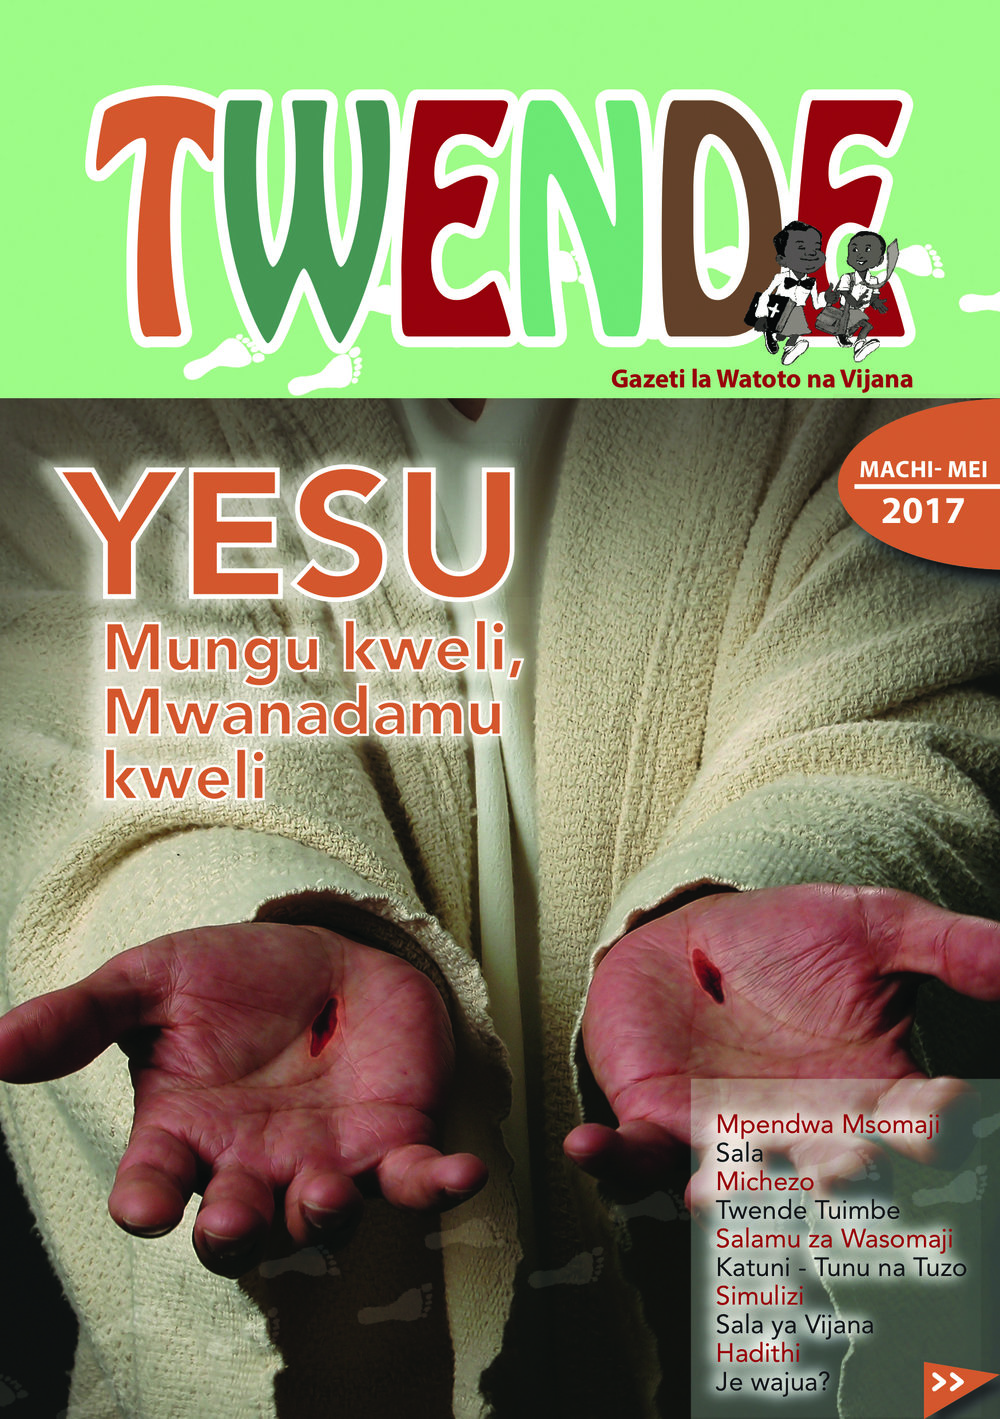 Twende toleo no. 1, 2017 - Toleo hili linafafanua kwa namna rahisi ili wote waelewe maana ya Yesu kuwa Mwanadamu kweli na Mungu kweli.